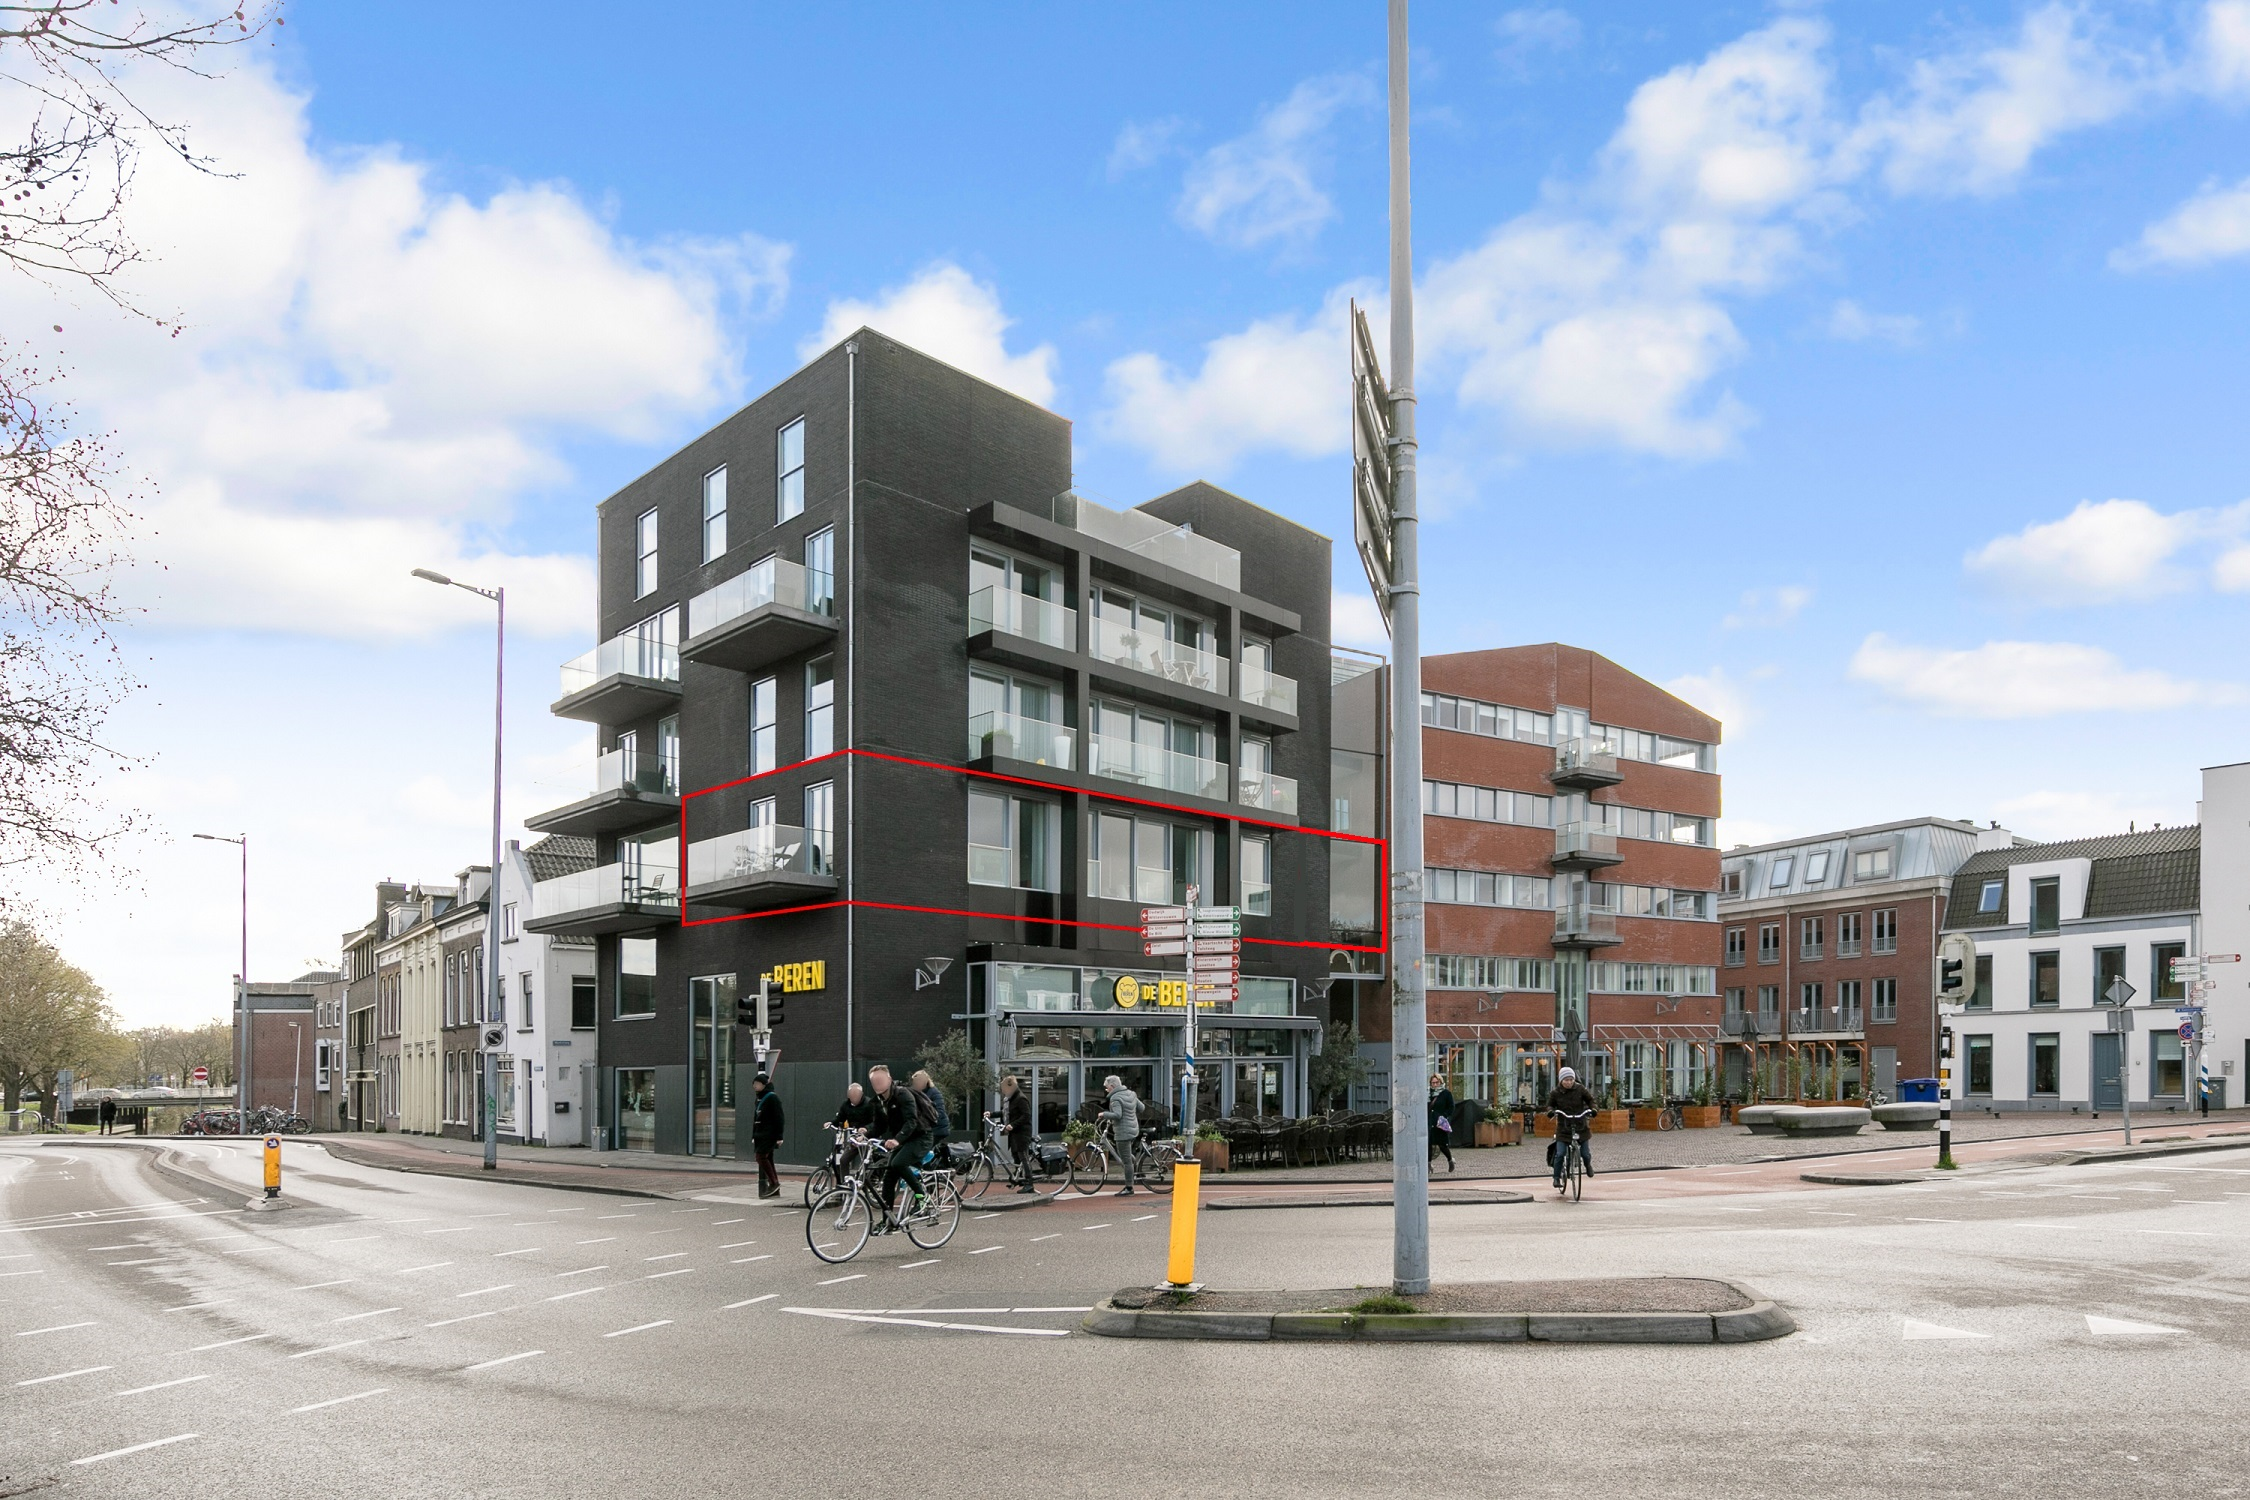 Ledig Erf 16, 3582 EA Utrecht